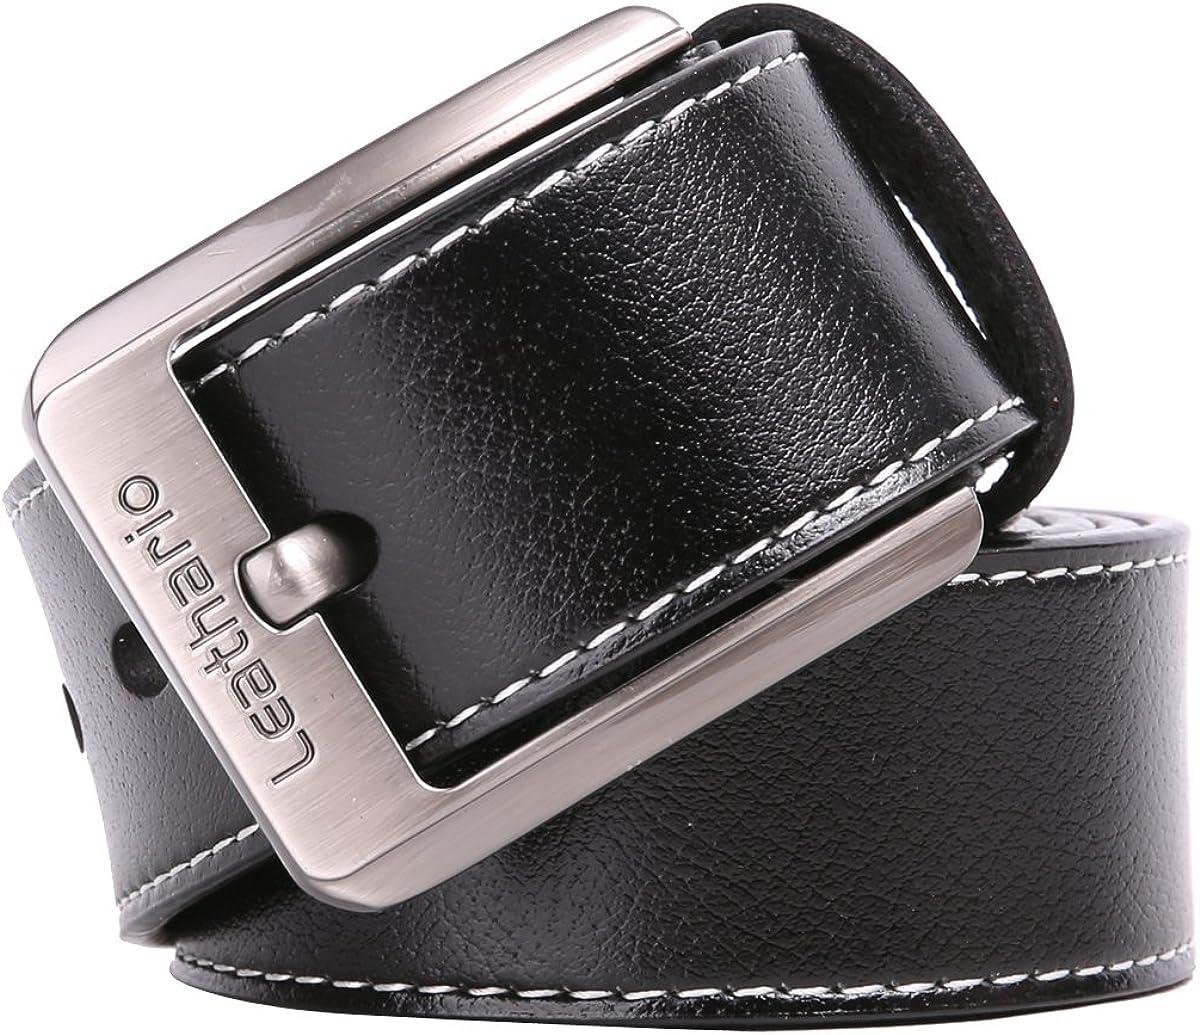 Leathario cinturones de hombre de piel sintetica cinturones de moda de cuero con buenos acabados para caballeros hebilla elegante